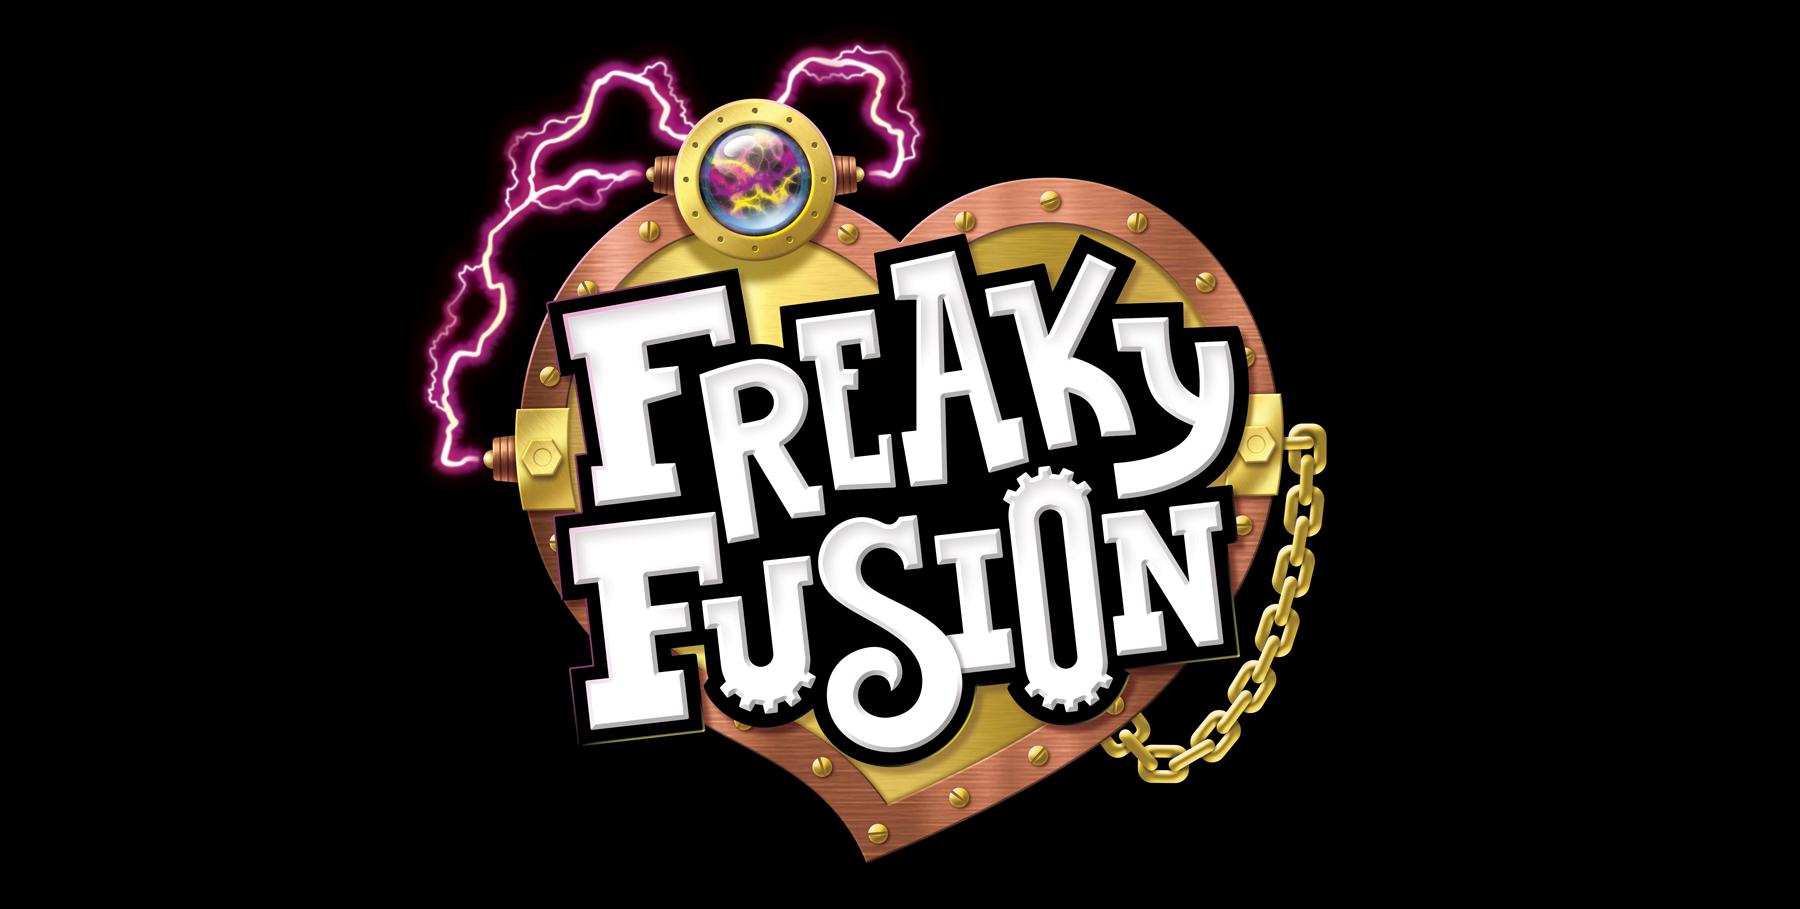 Monster High Freaky Fusion Branding - Panel 2